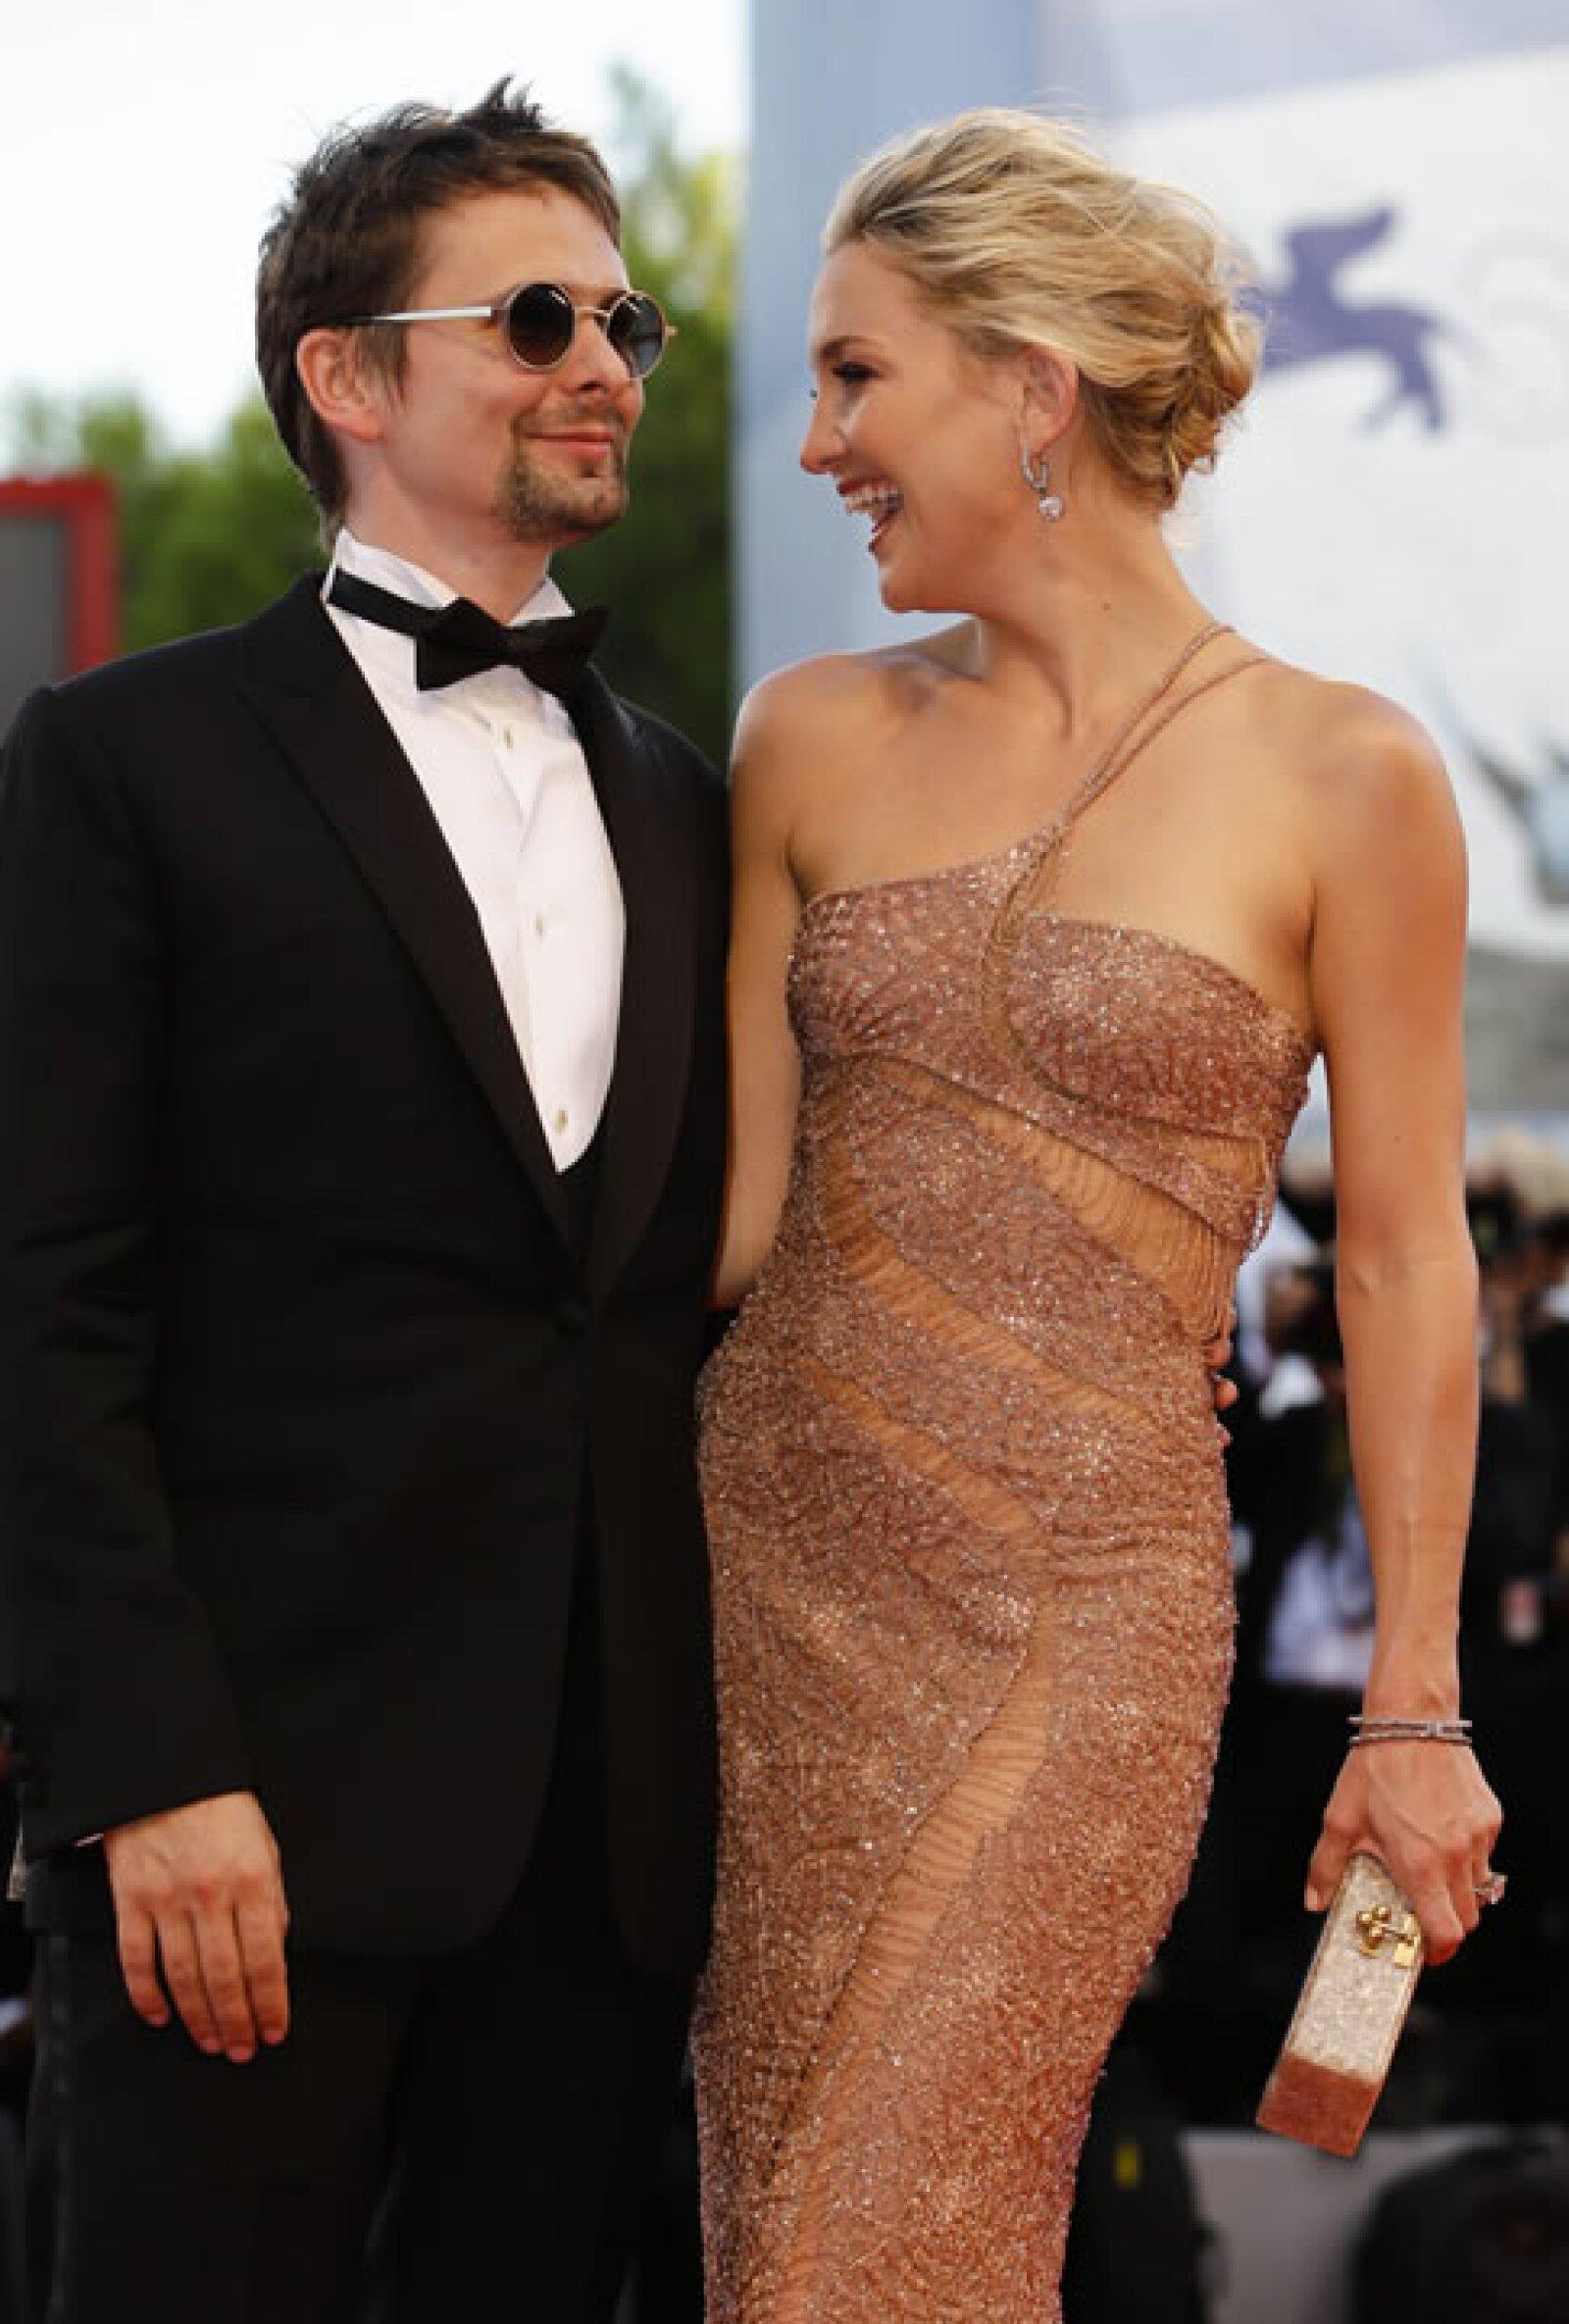 Kate Hudson recorrió la alfombra roja de la mano de Matt Bellamy.